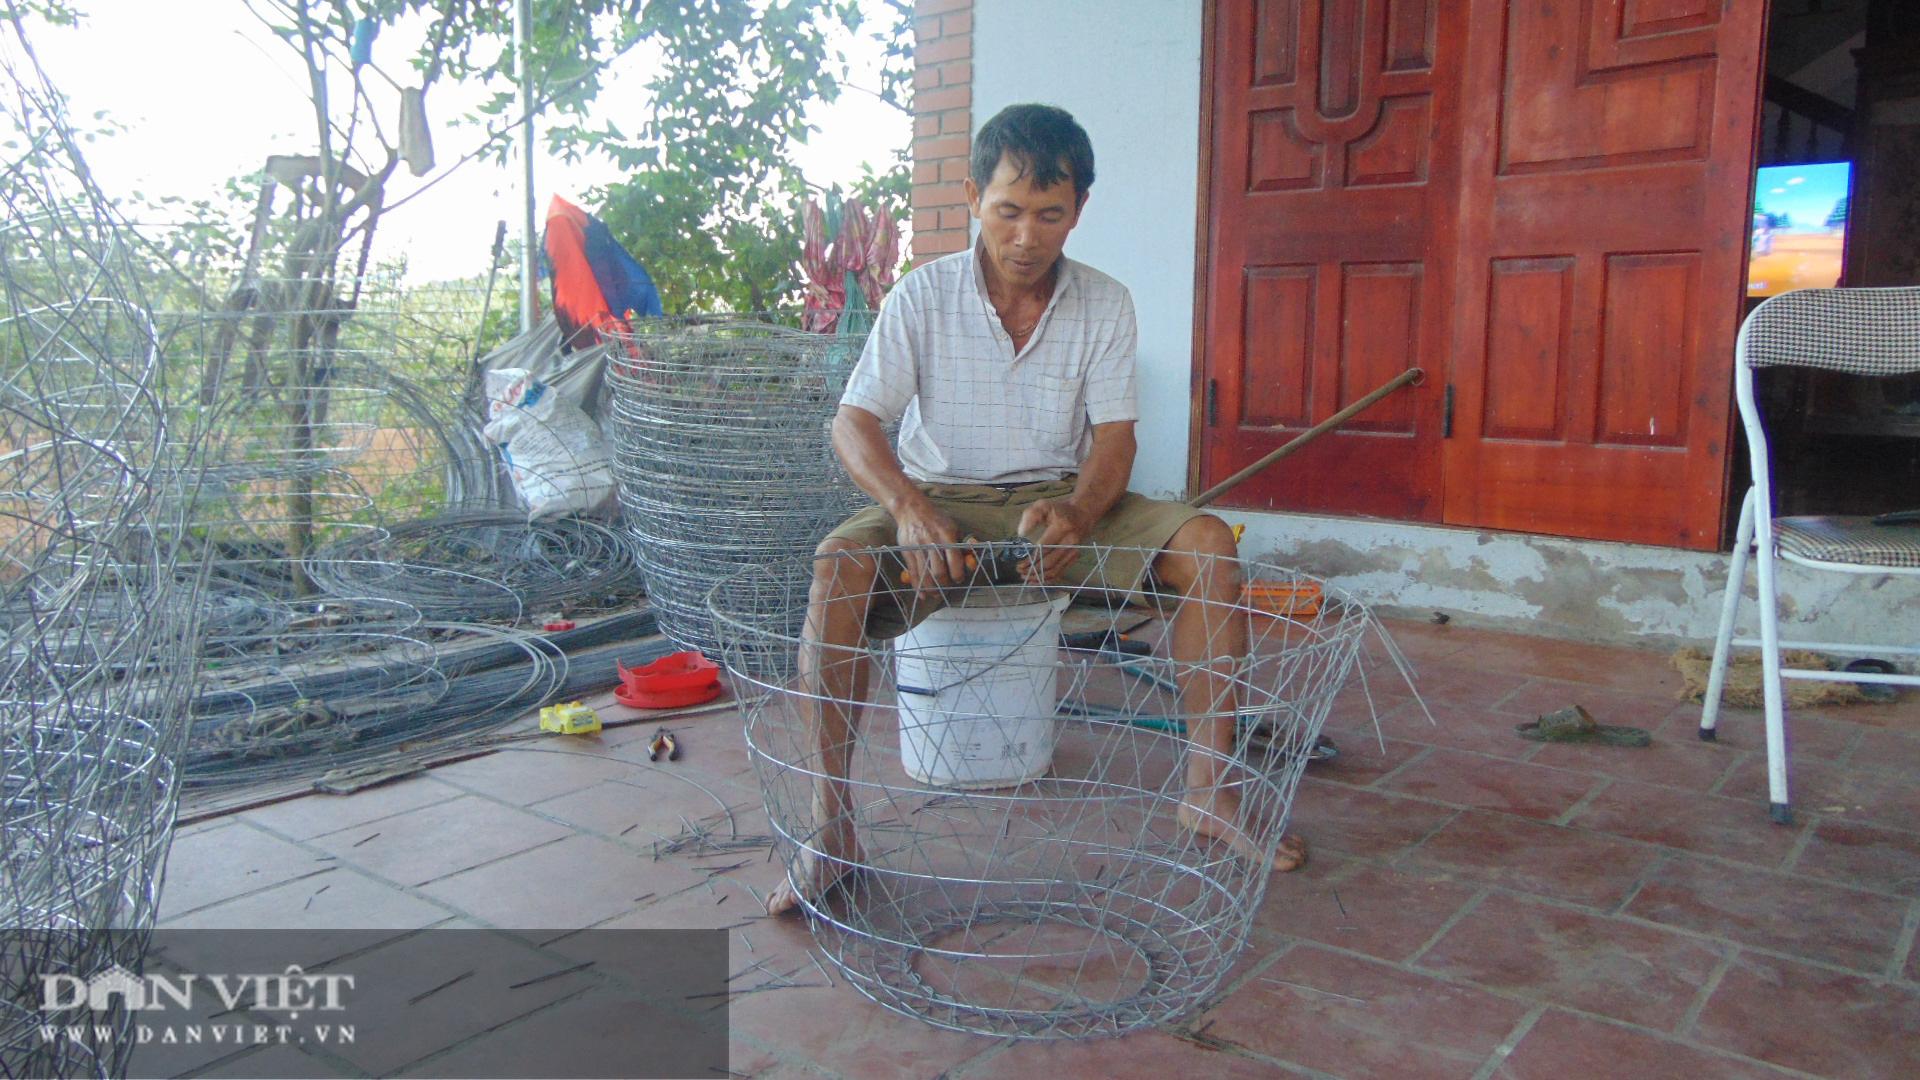 Vợ chồng ông nông dân Thái Nguyên kiếm trên 10 triệu đồng mỗi tháng từ nghề phụ này  - Ảnh 3.